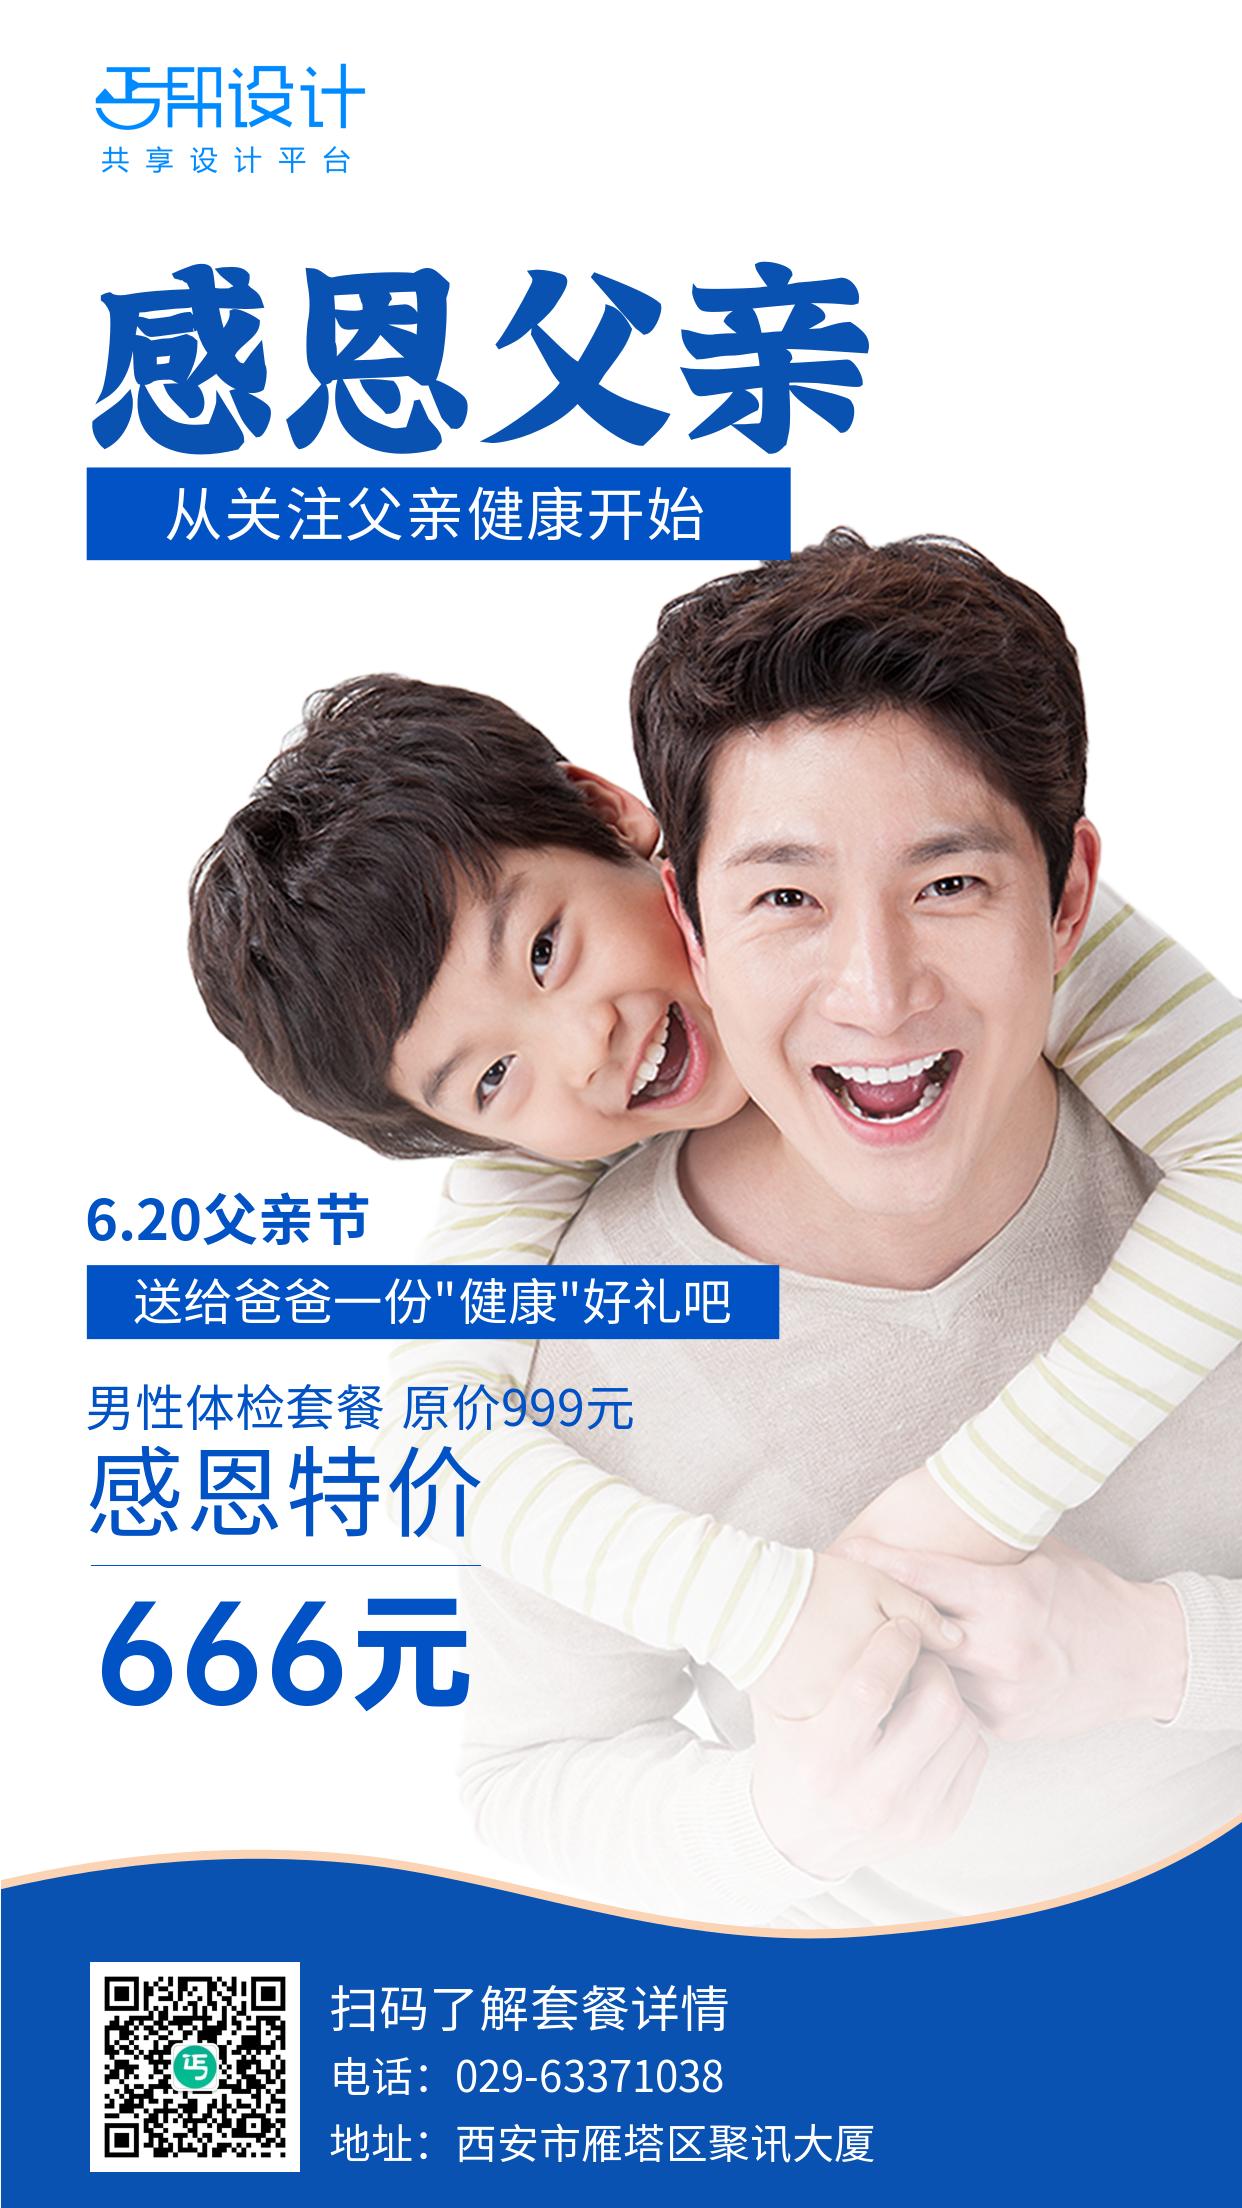 父亲节牙科口腔活动医疗宣传手机海报